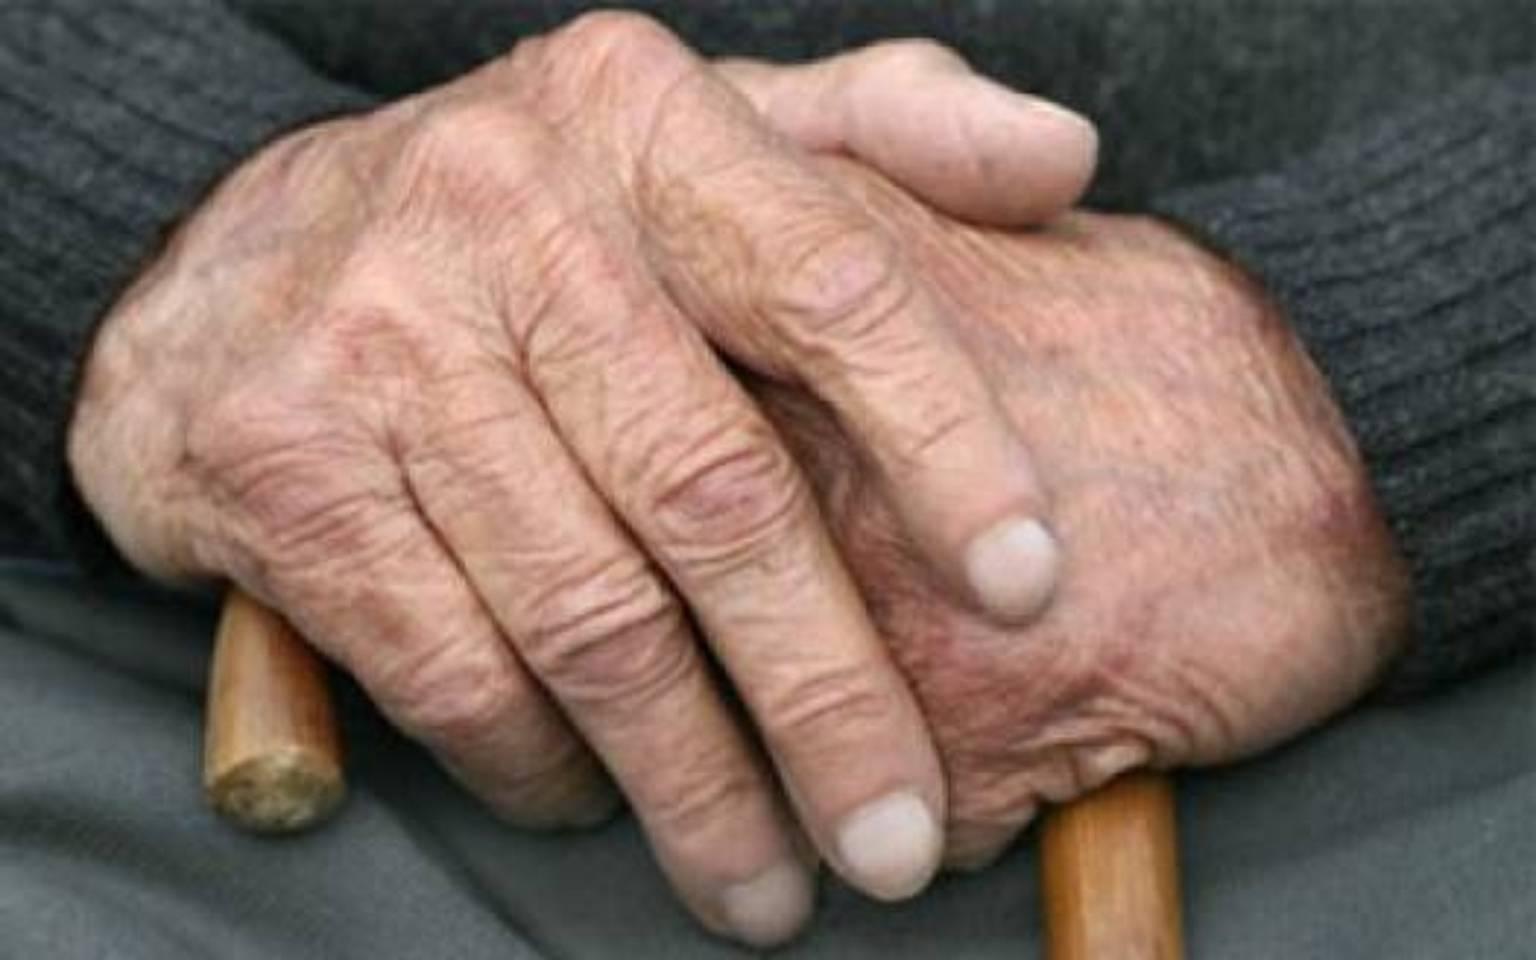 В отношении 93-летнего жителя Костанайской области начато расследование по подозрению в убийстве